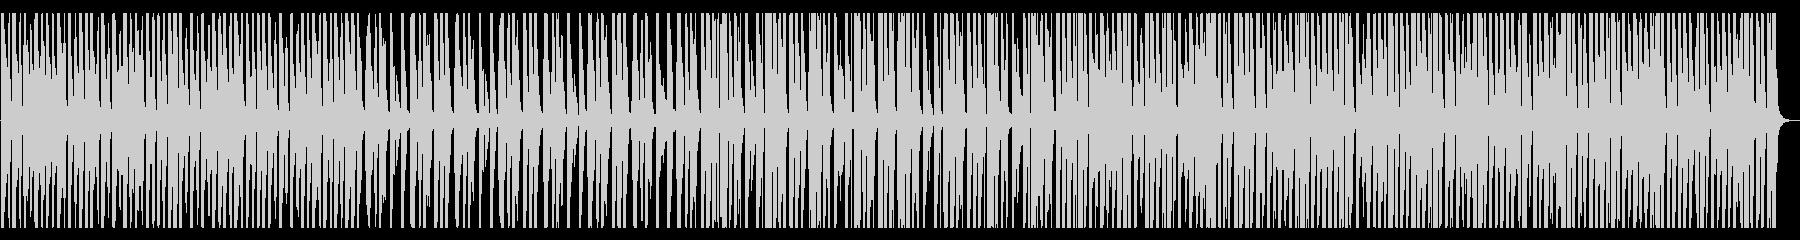 コミカル/かわいい/ハウスNo432_2の未再生の波形